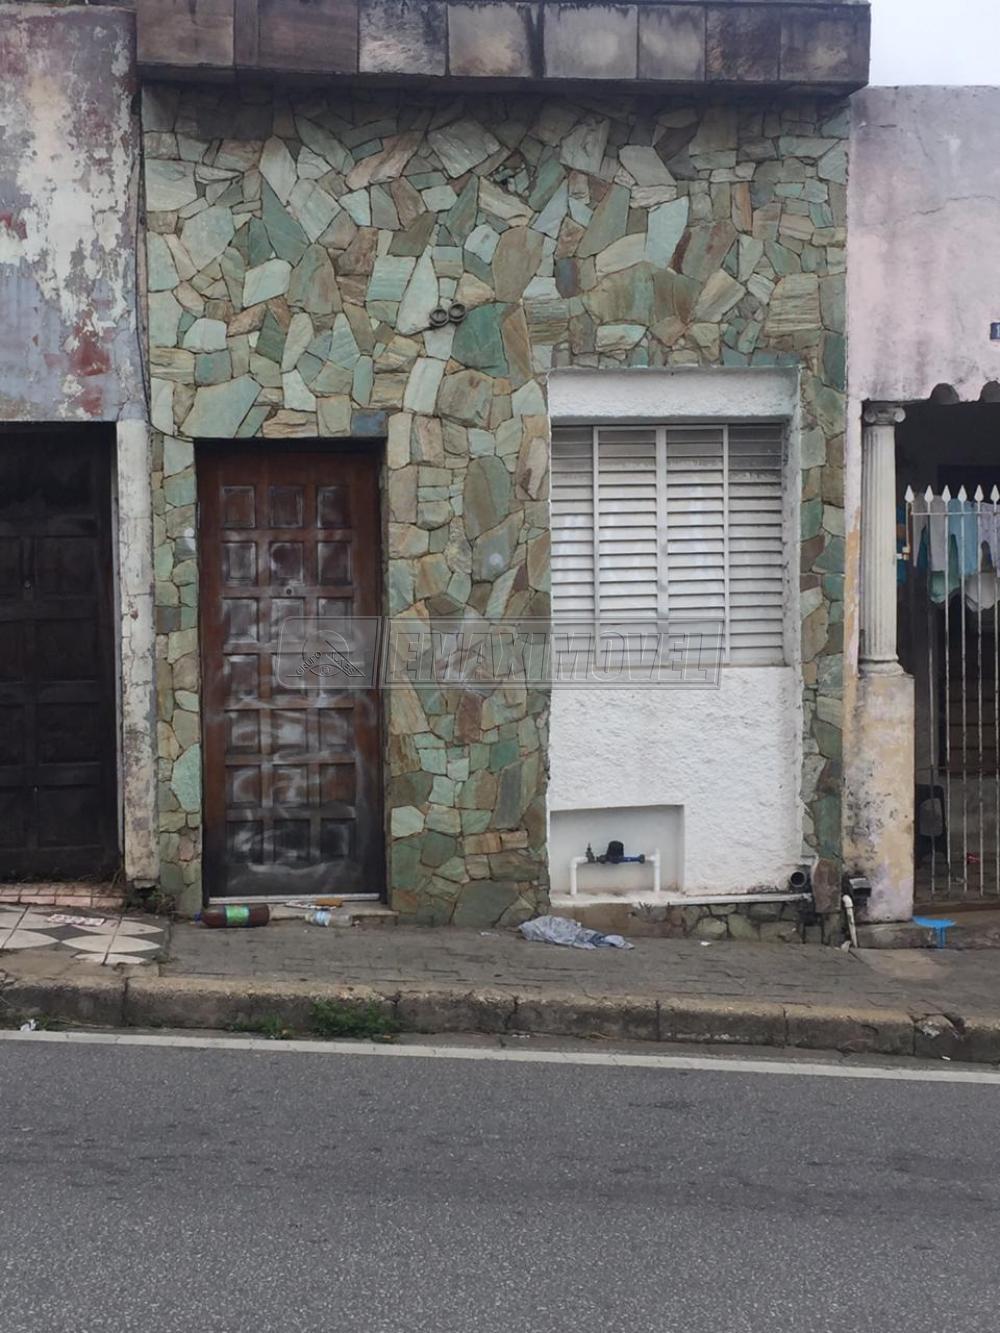 Comprar Casas / em Bairros em Sorocaba apenas R$ 95.000,00 - Foto 1